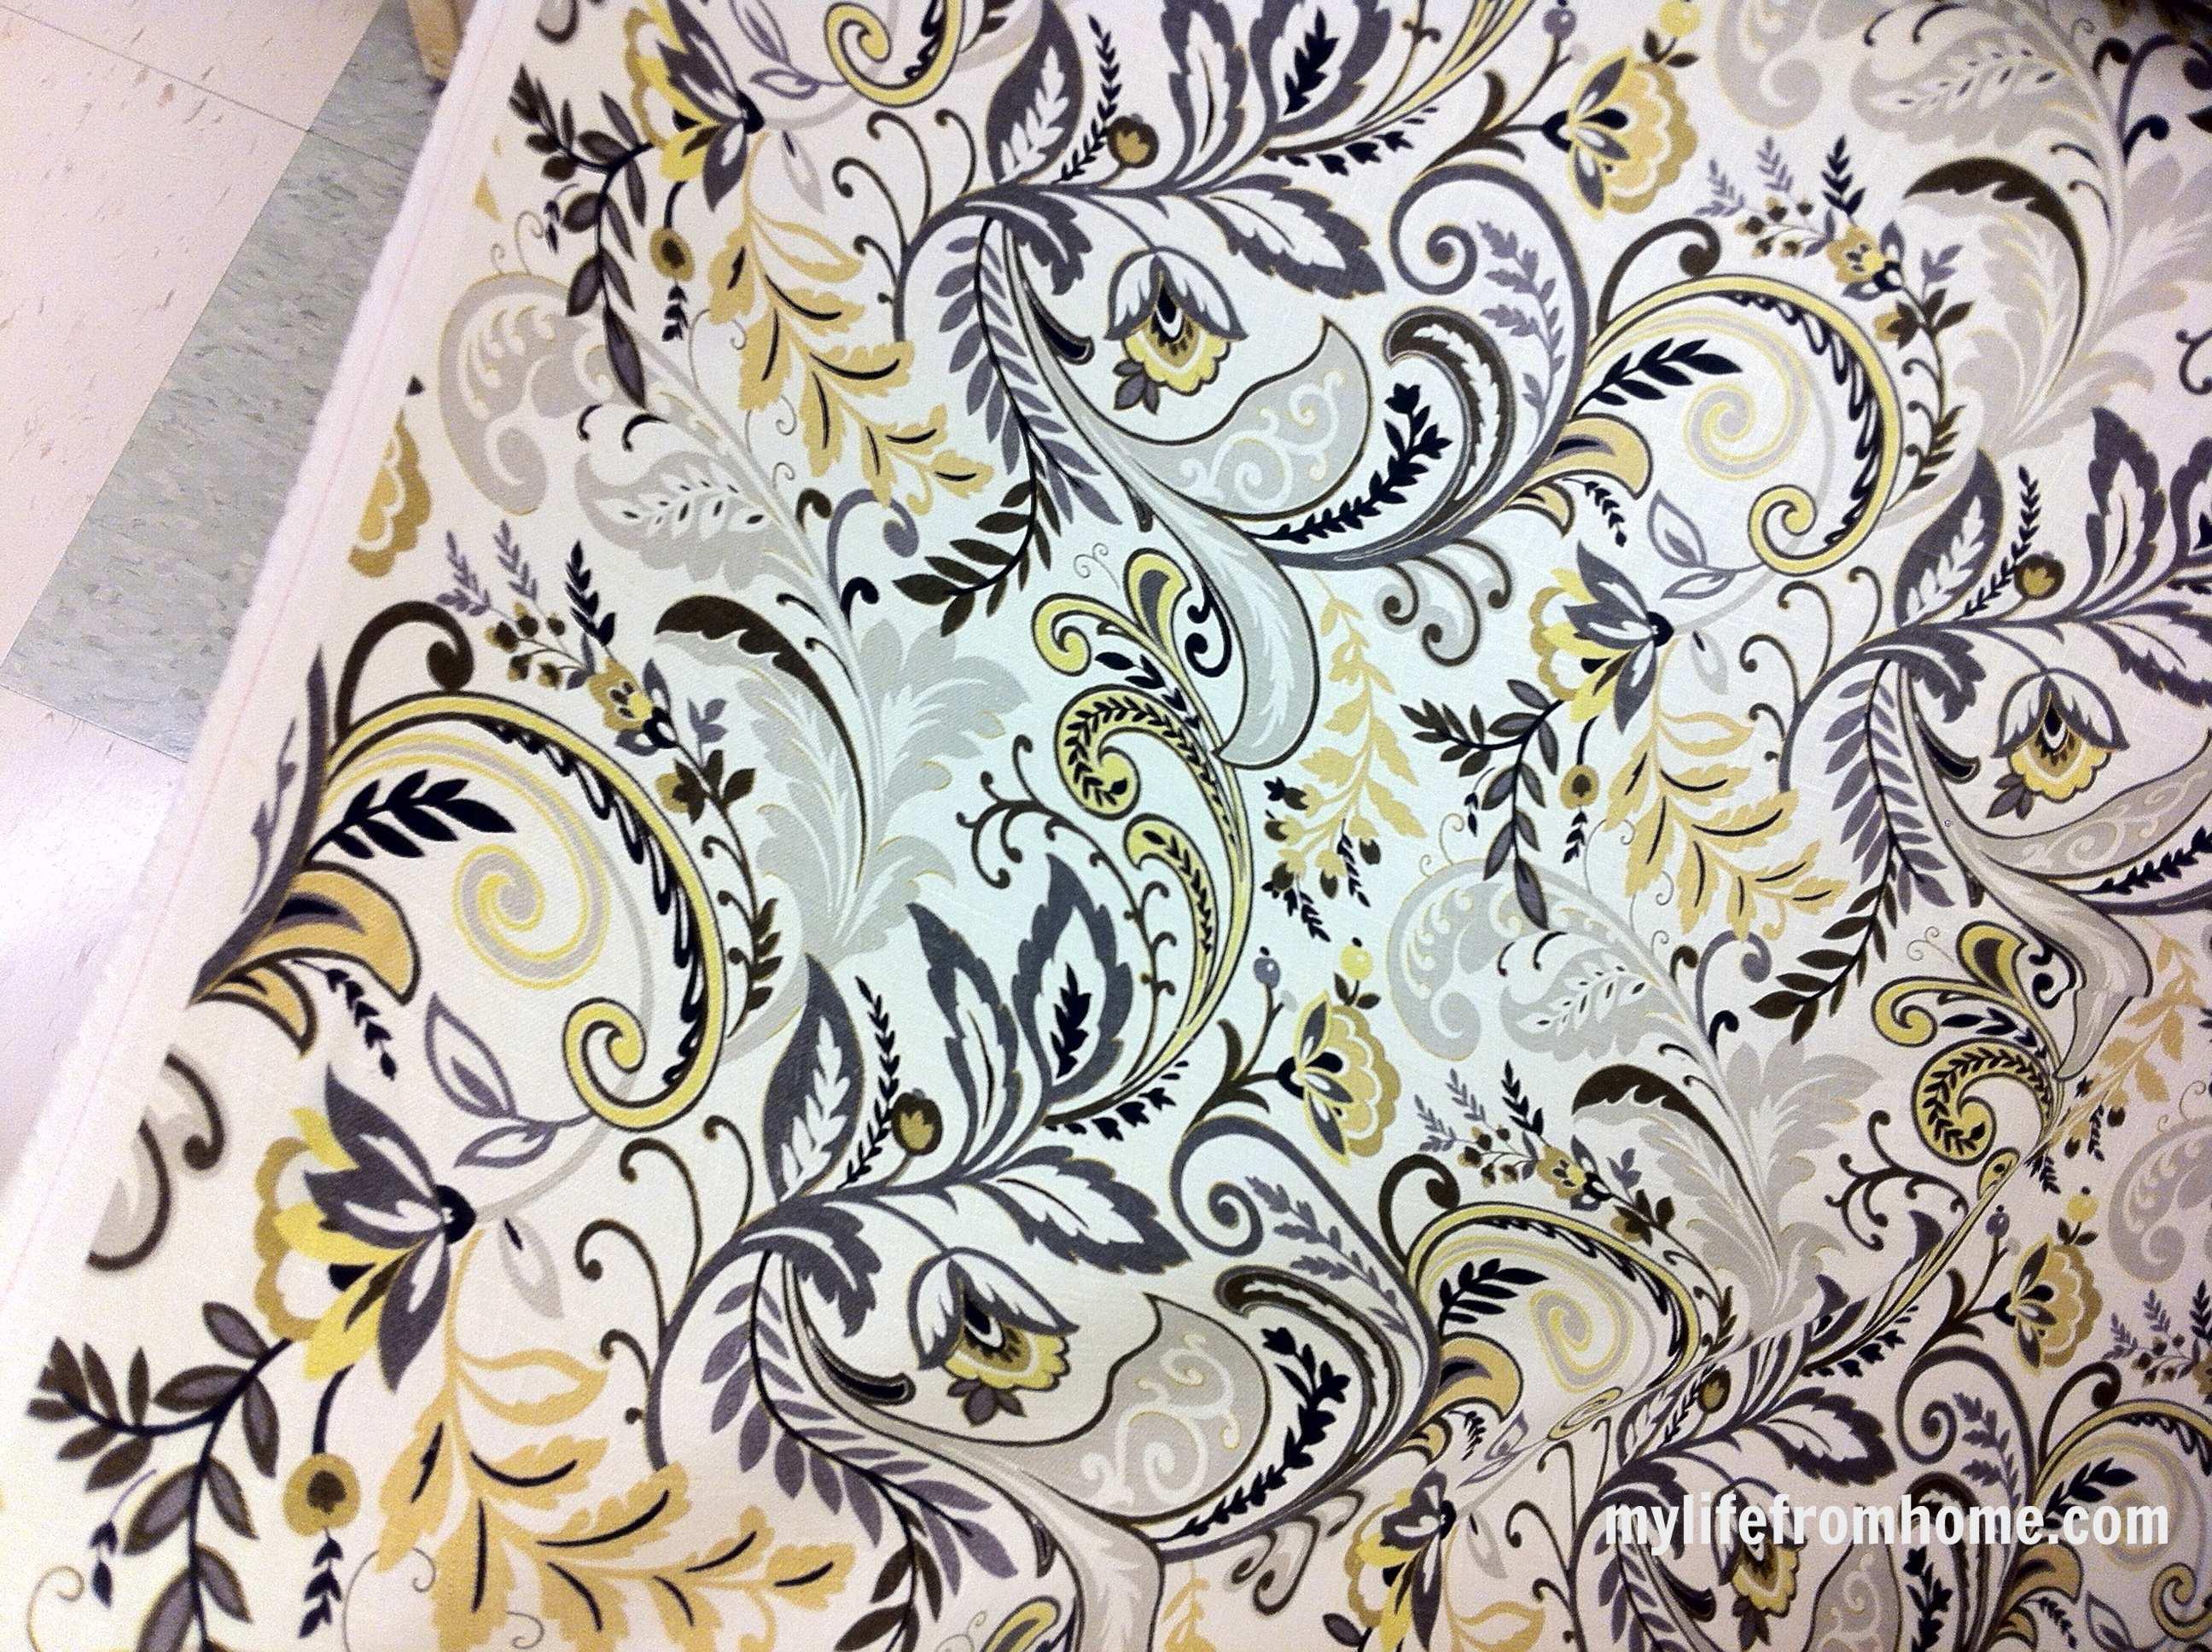 Fabric I liked